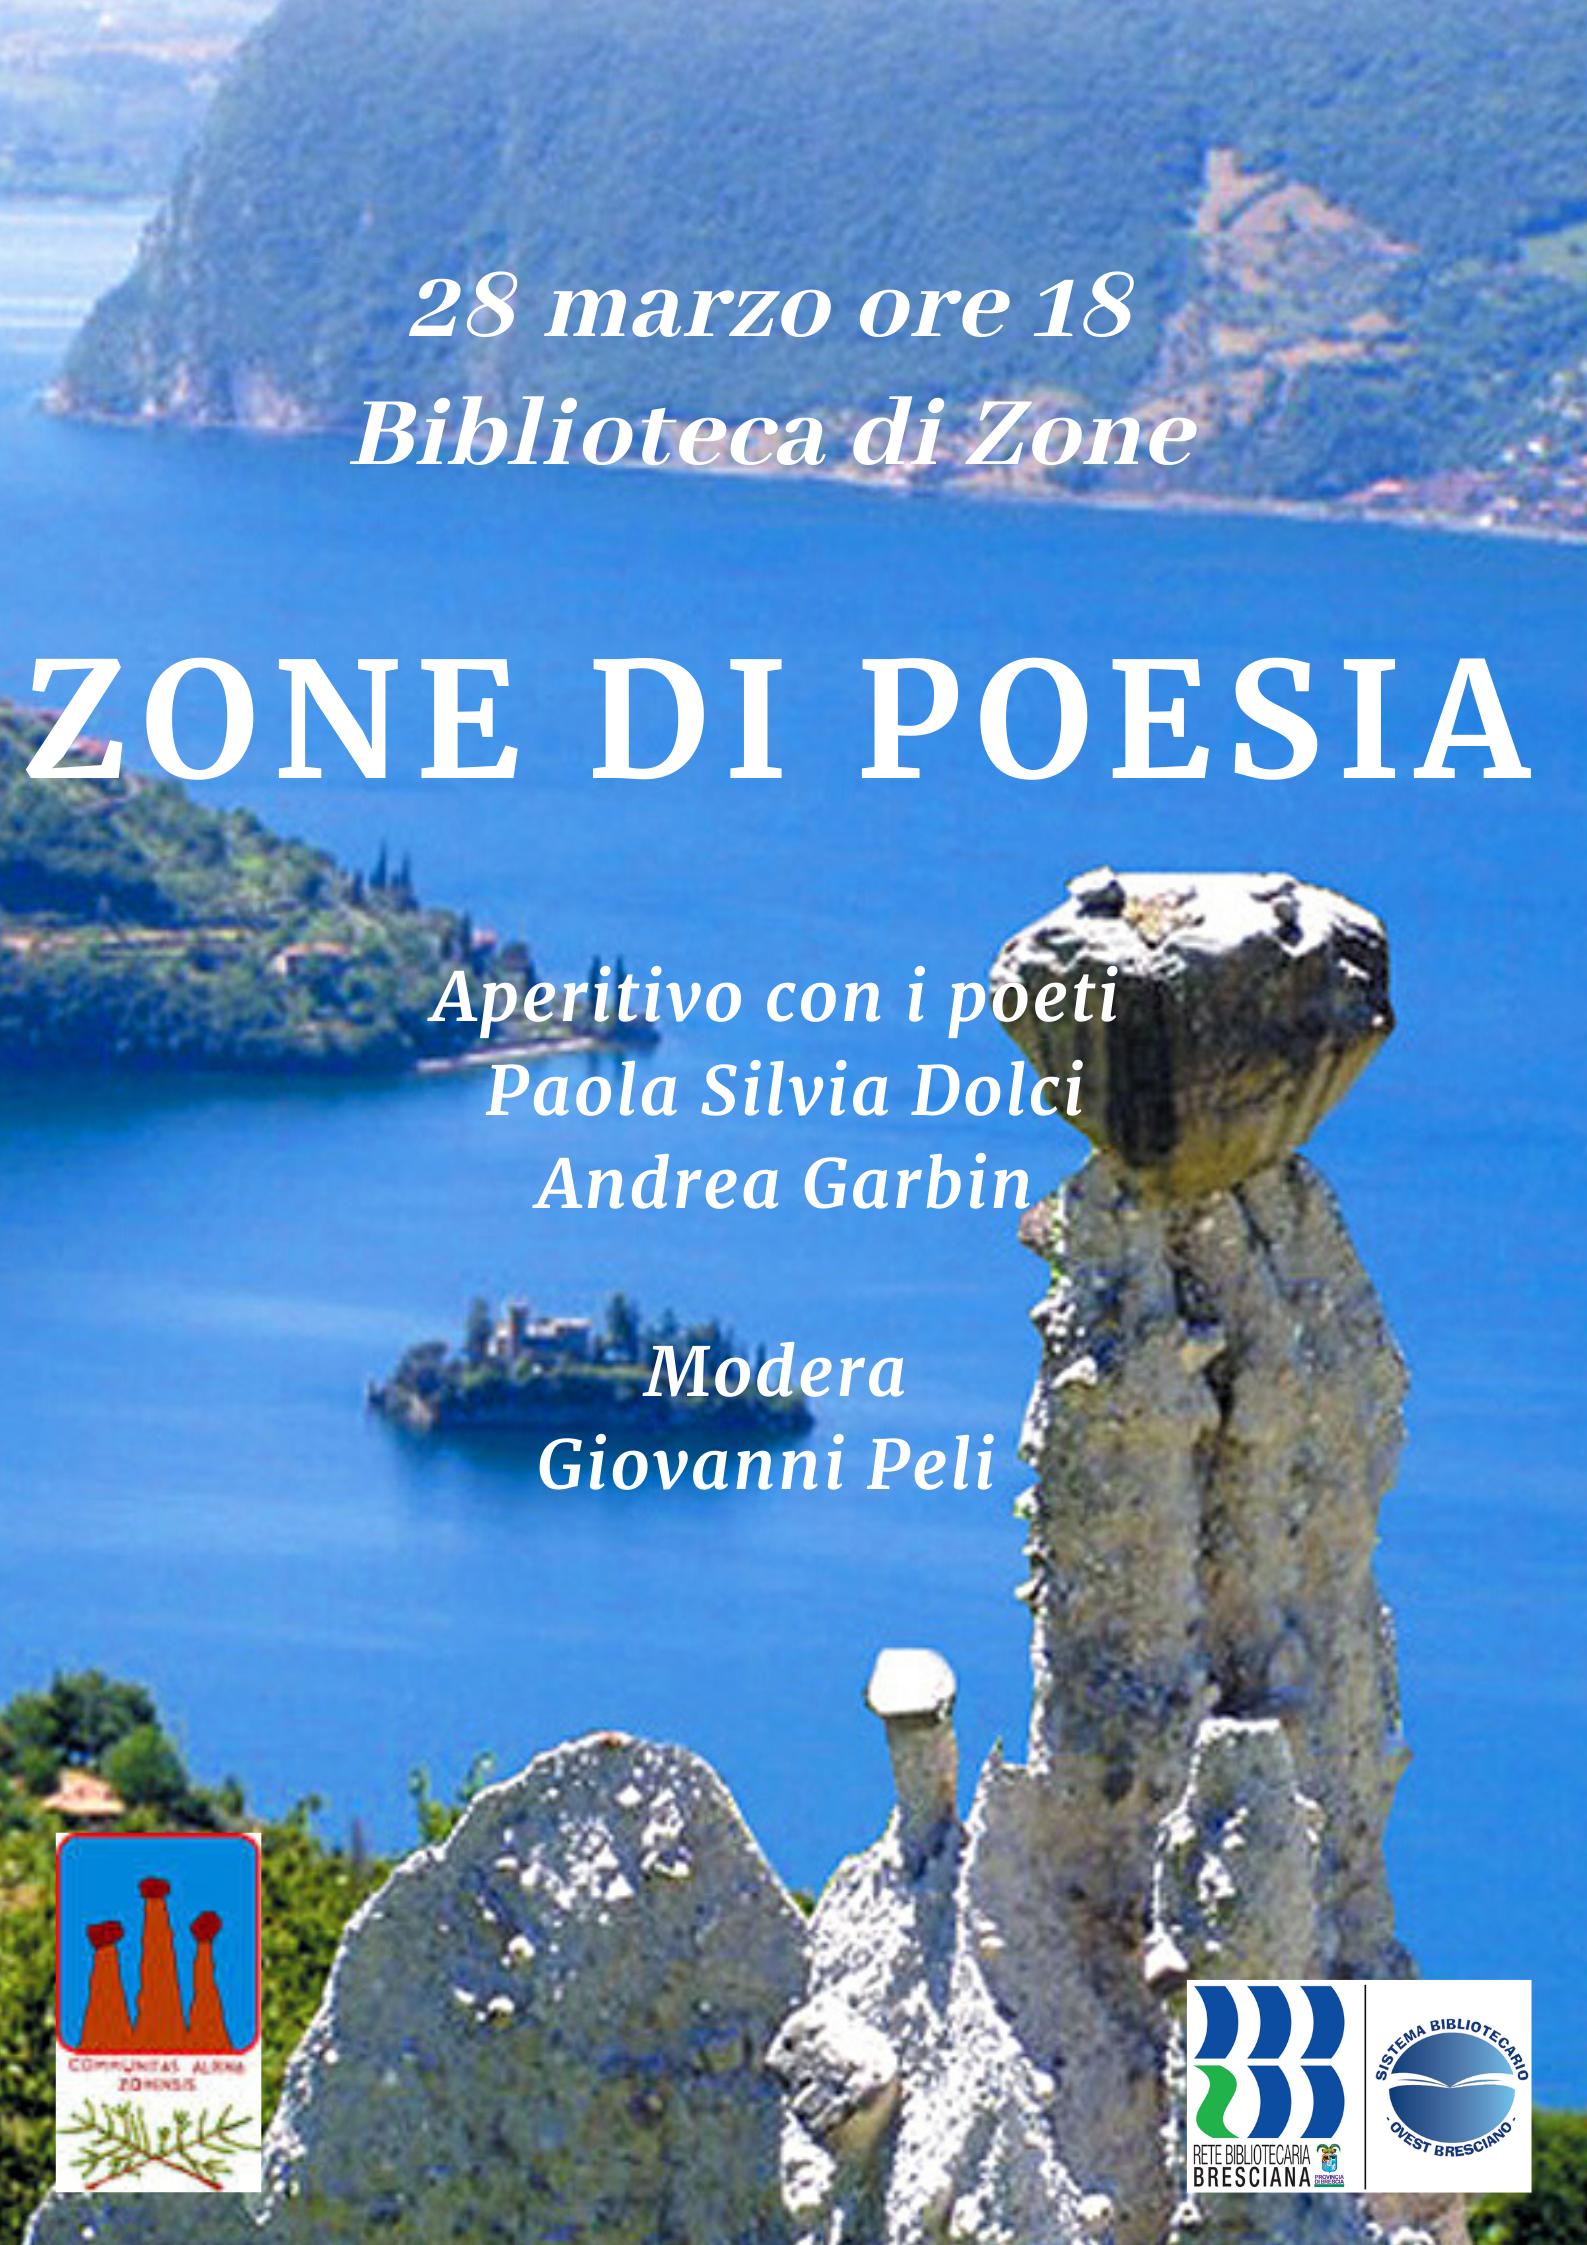 Zone di poesia 28 marzo